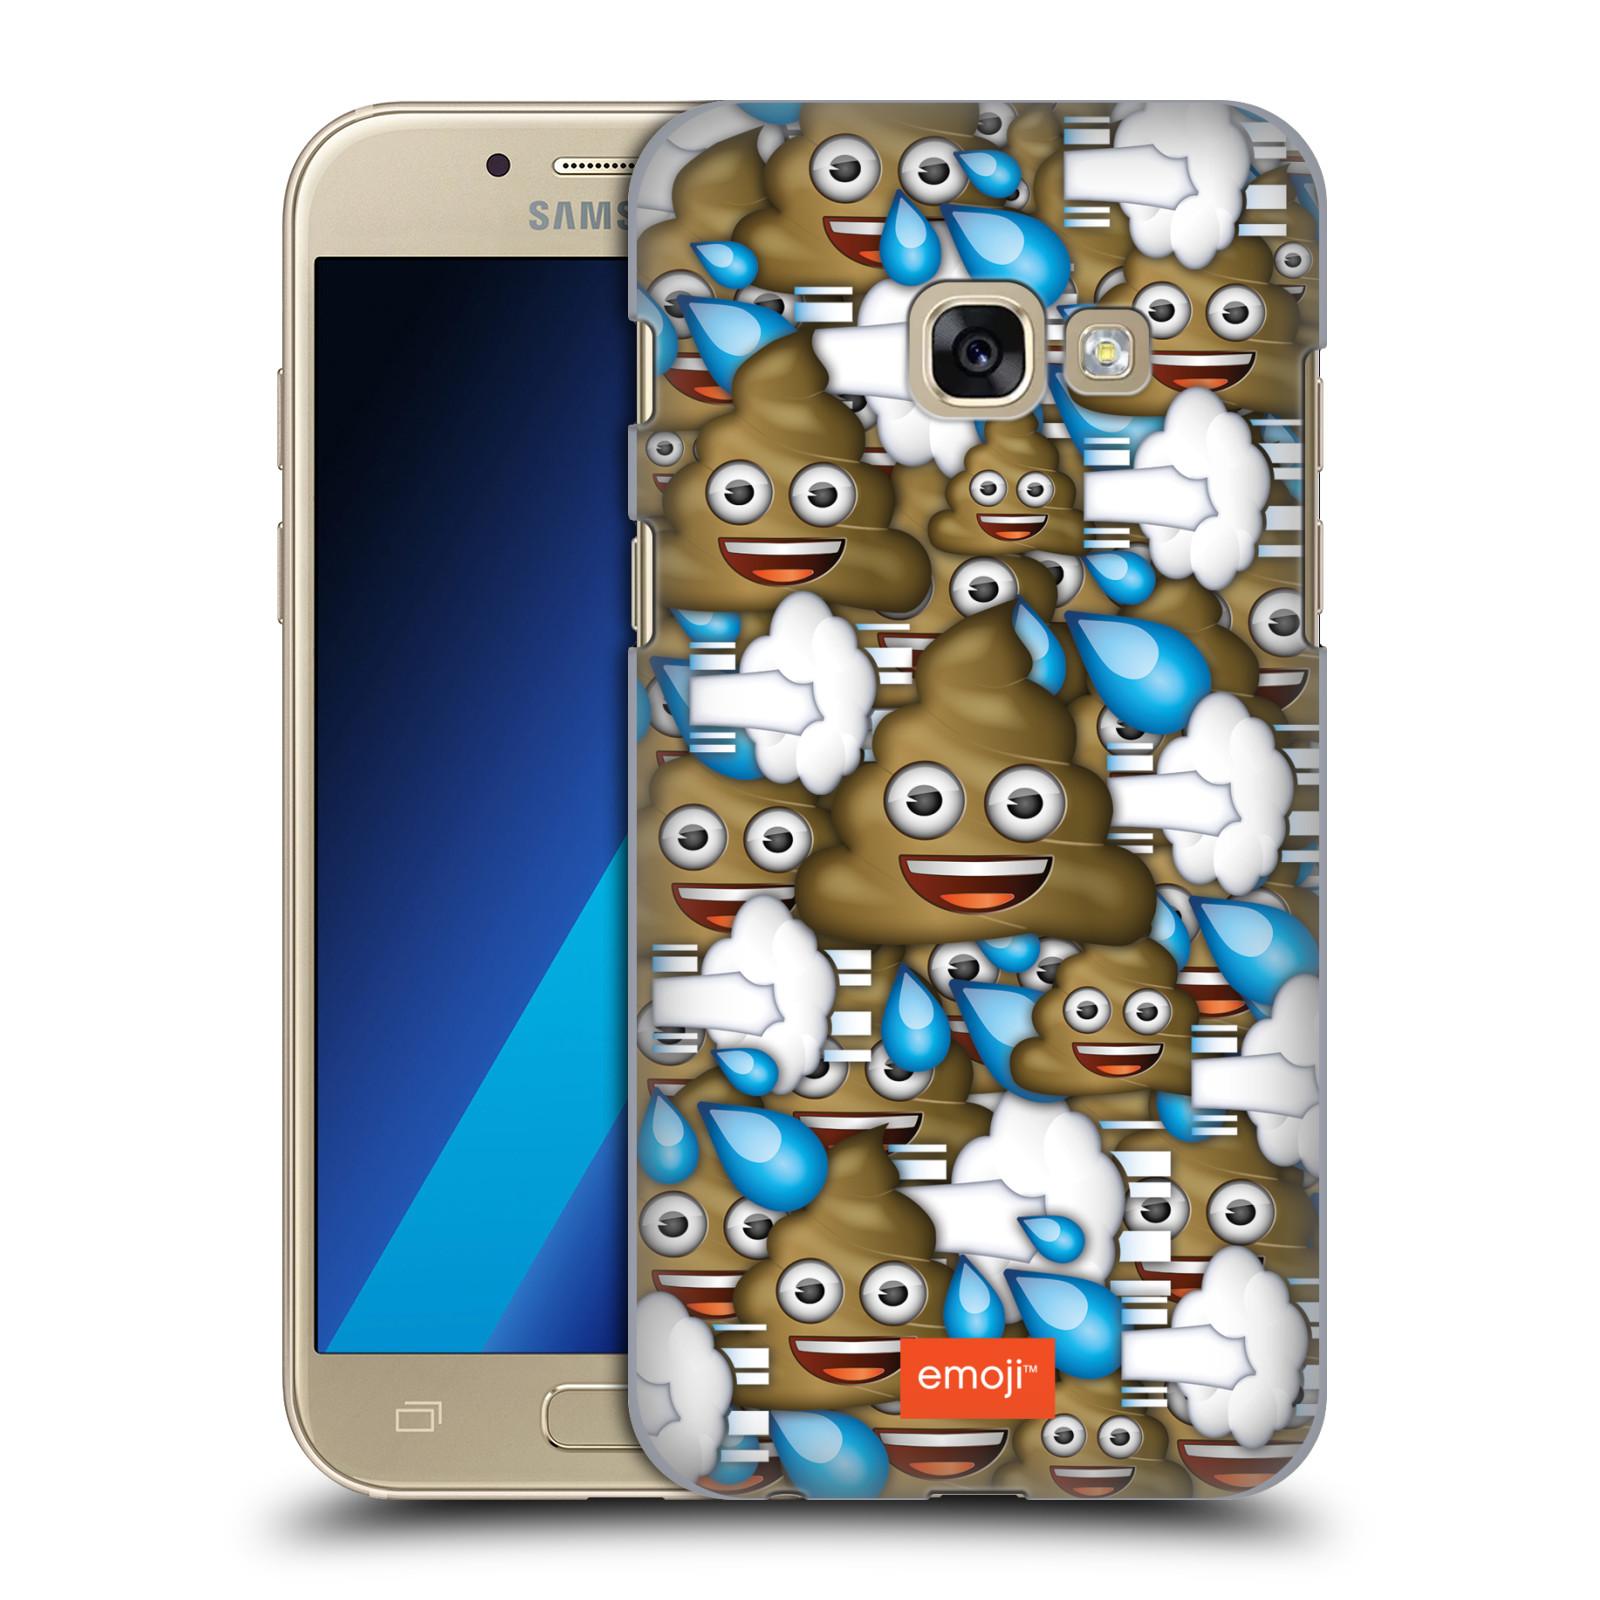 Plastové pouzdro na mobil Samsung Galaxy A3 (2017) HEAD CASE EMOJI - Hovínka a prdíky